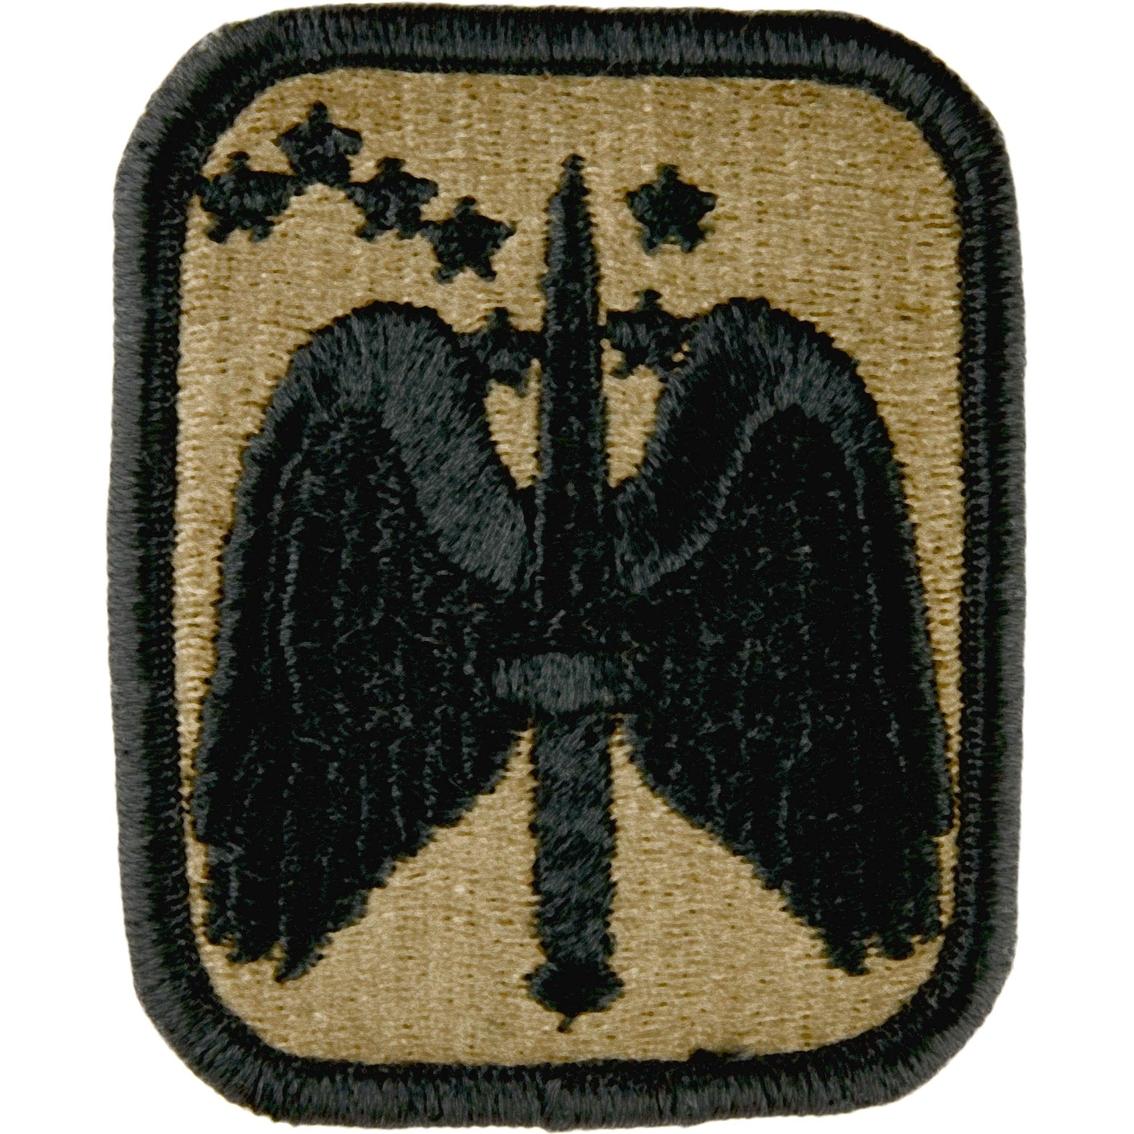 Army Unit Patch 16th Aviation Brigade (ocp) | Ocp Unit